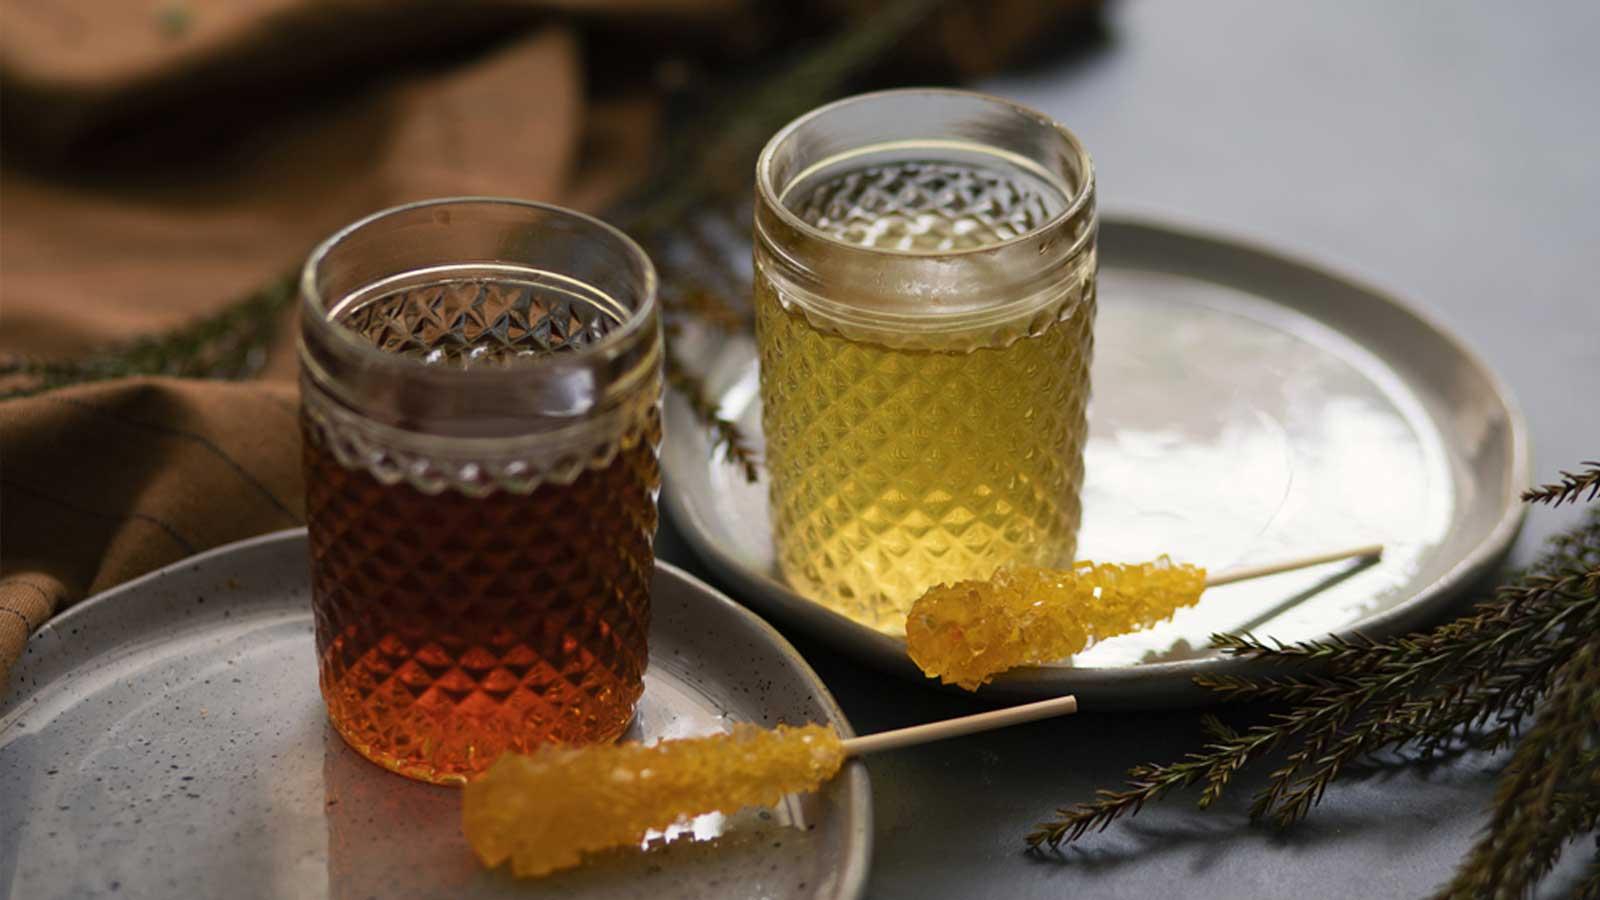 خوردن چای به همراه نبات برای رفع خواب آلودگی و خستگی بسیار موثر است.